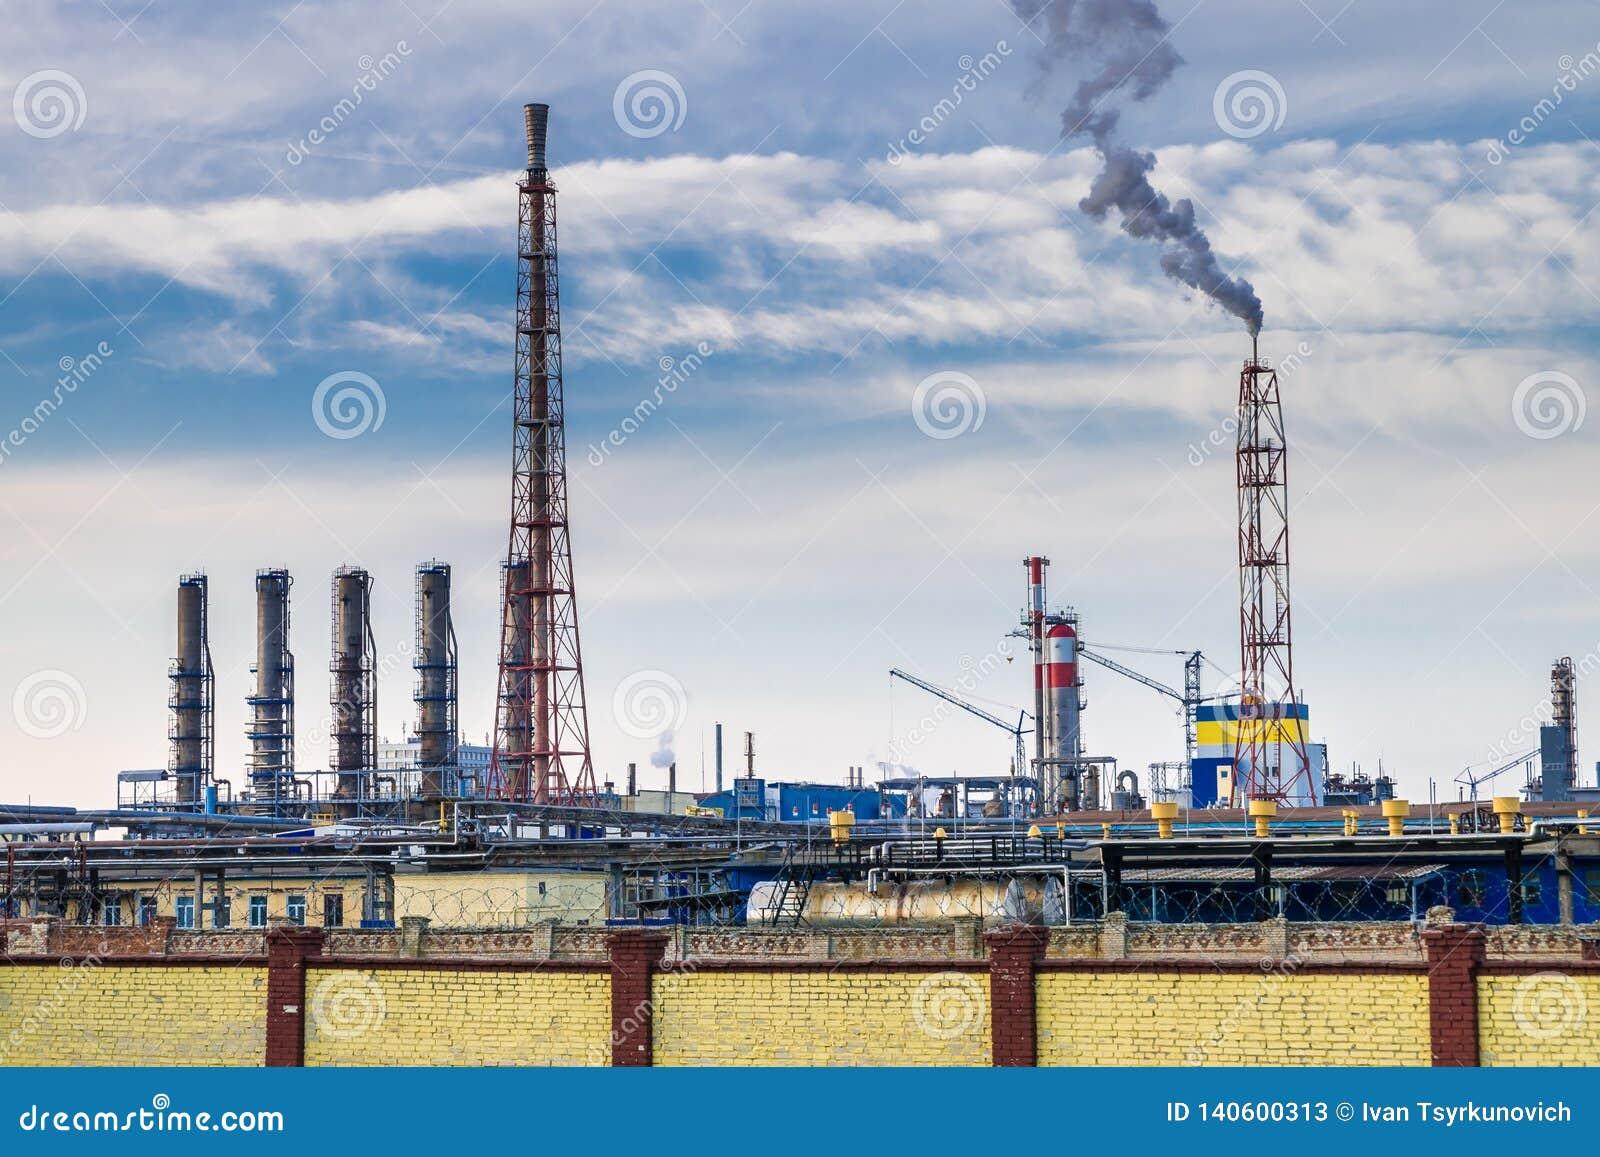 Σωλήνες χημικών επιχειρηματικών εγκαταστάσεων Έννοια ατμοσφαιρικής ρύπανσης Βιομηχανικά απόβλητα ρύπανσης τοπίων περιβαλλοντικά τ